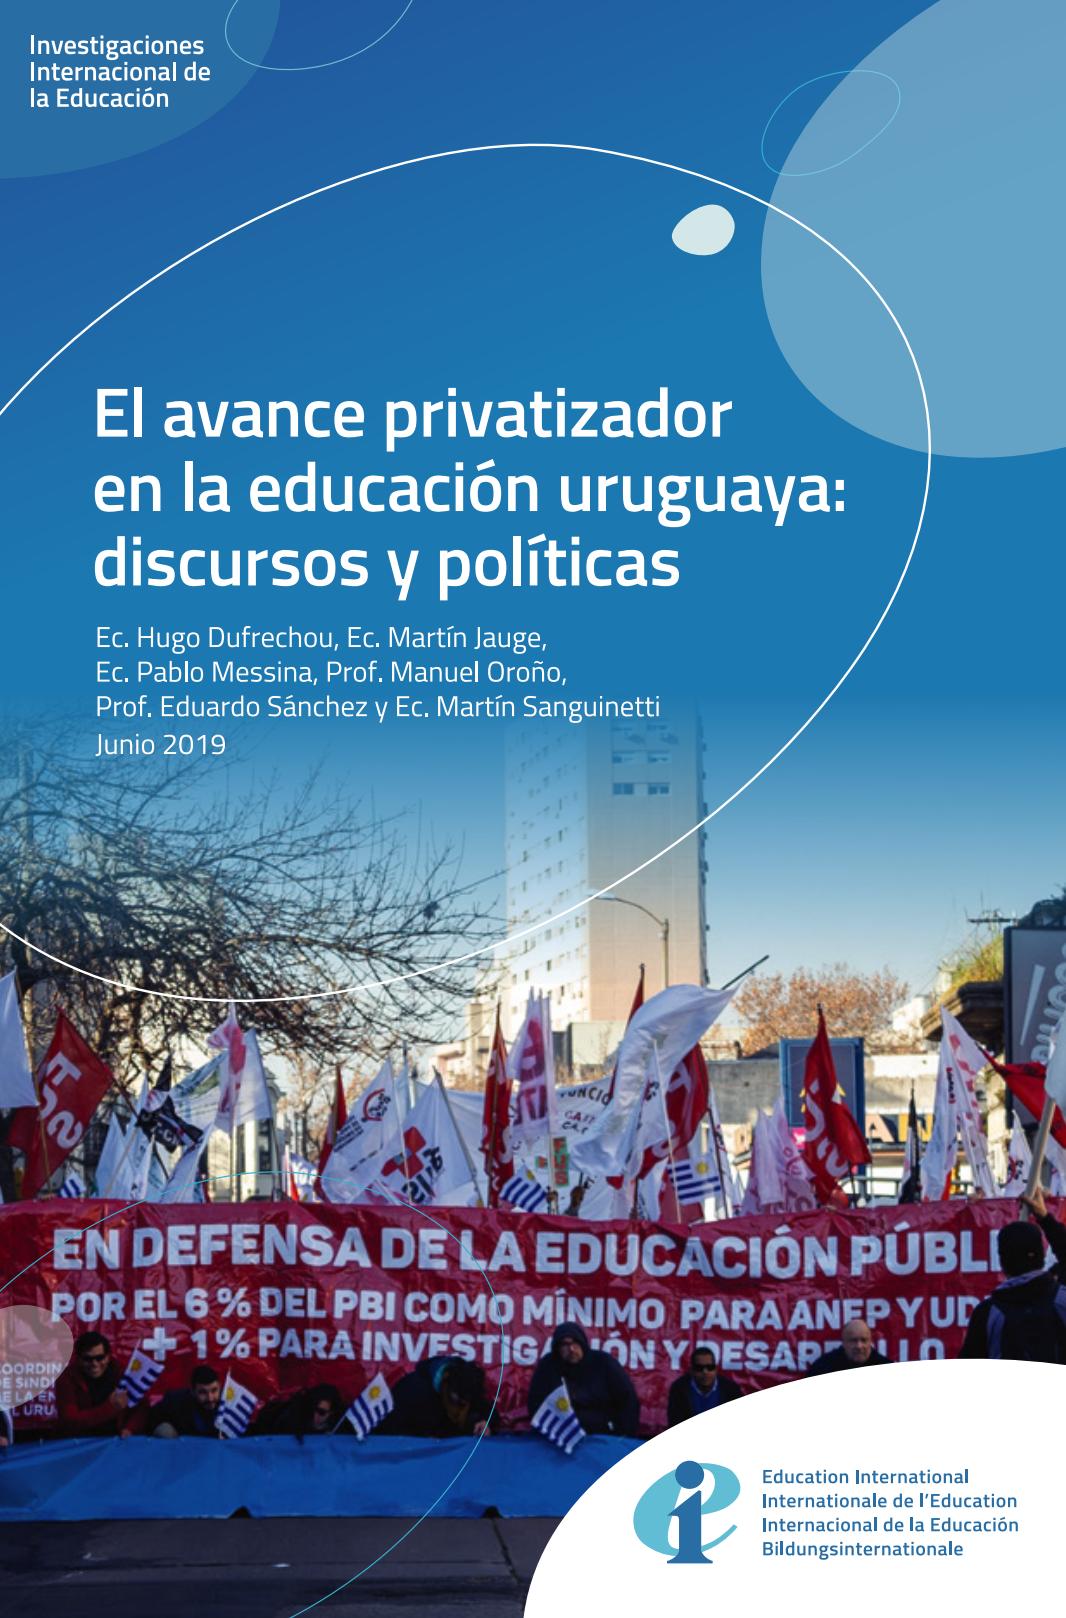 El avance privatizador en la educación pública uruguaya